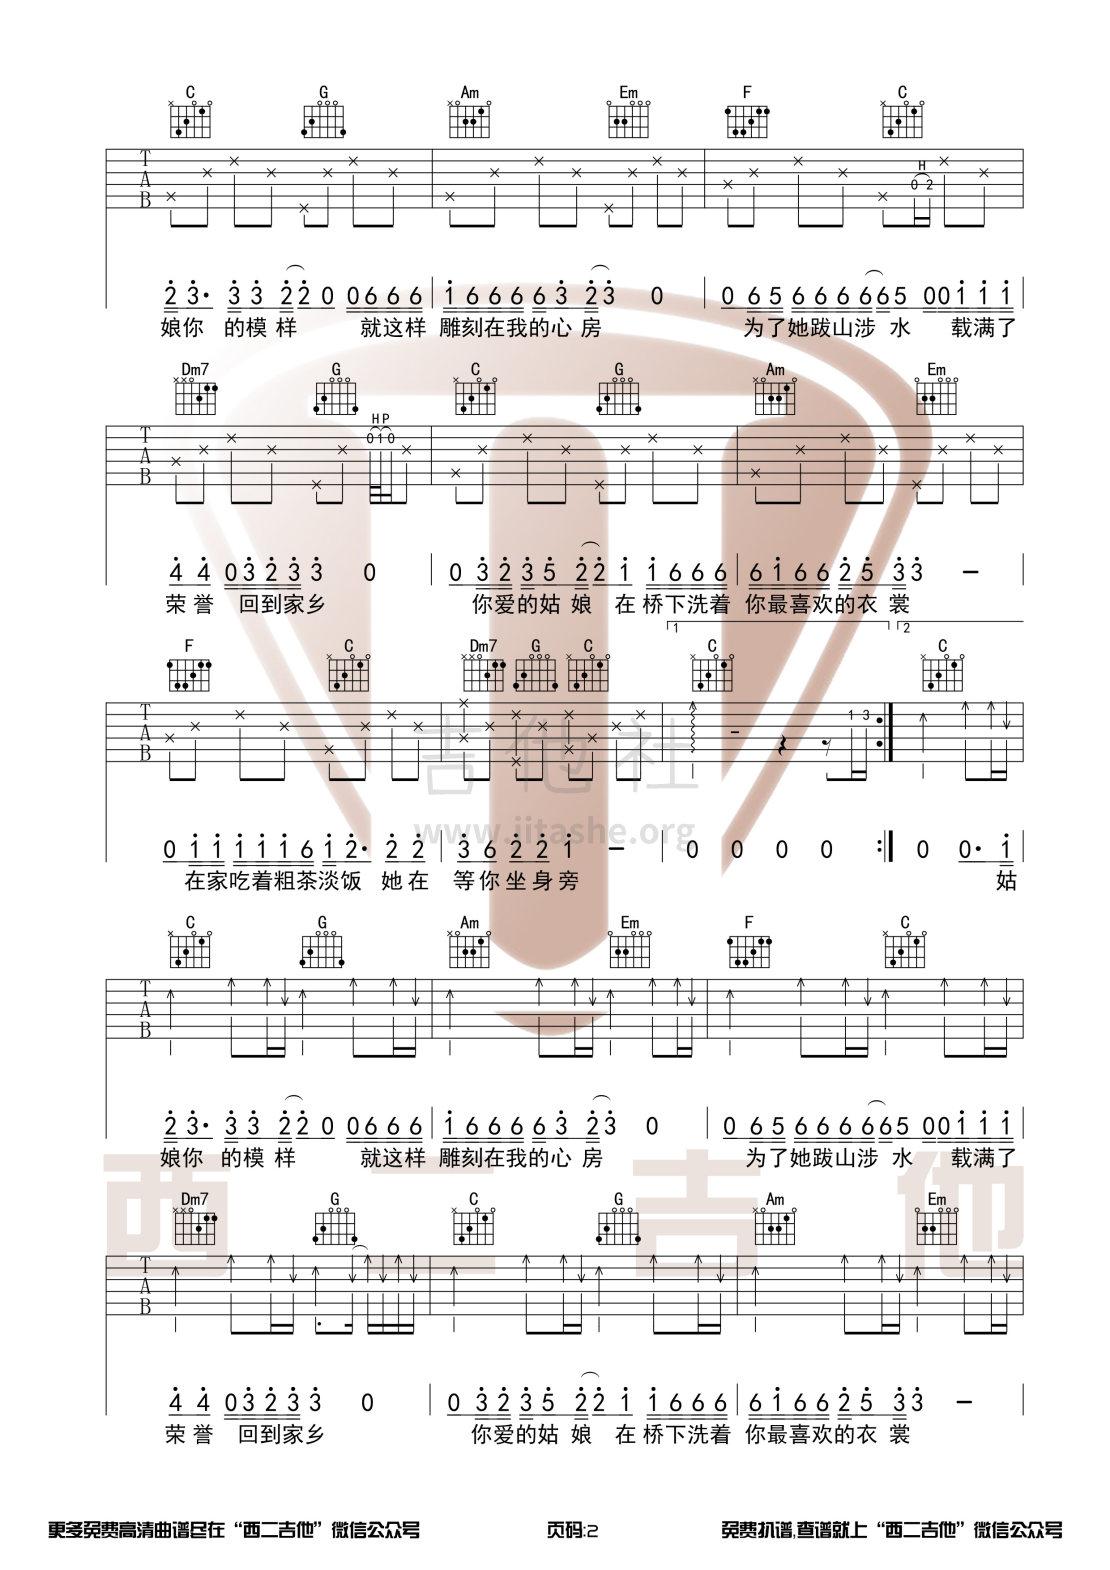 你的姑娘吉他谱(图片谱,西二吉他,原版吉他谱,带前奏)_隔壁老樊(樊凯杰)_你的姑娘2.jpg